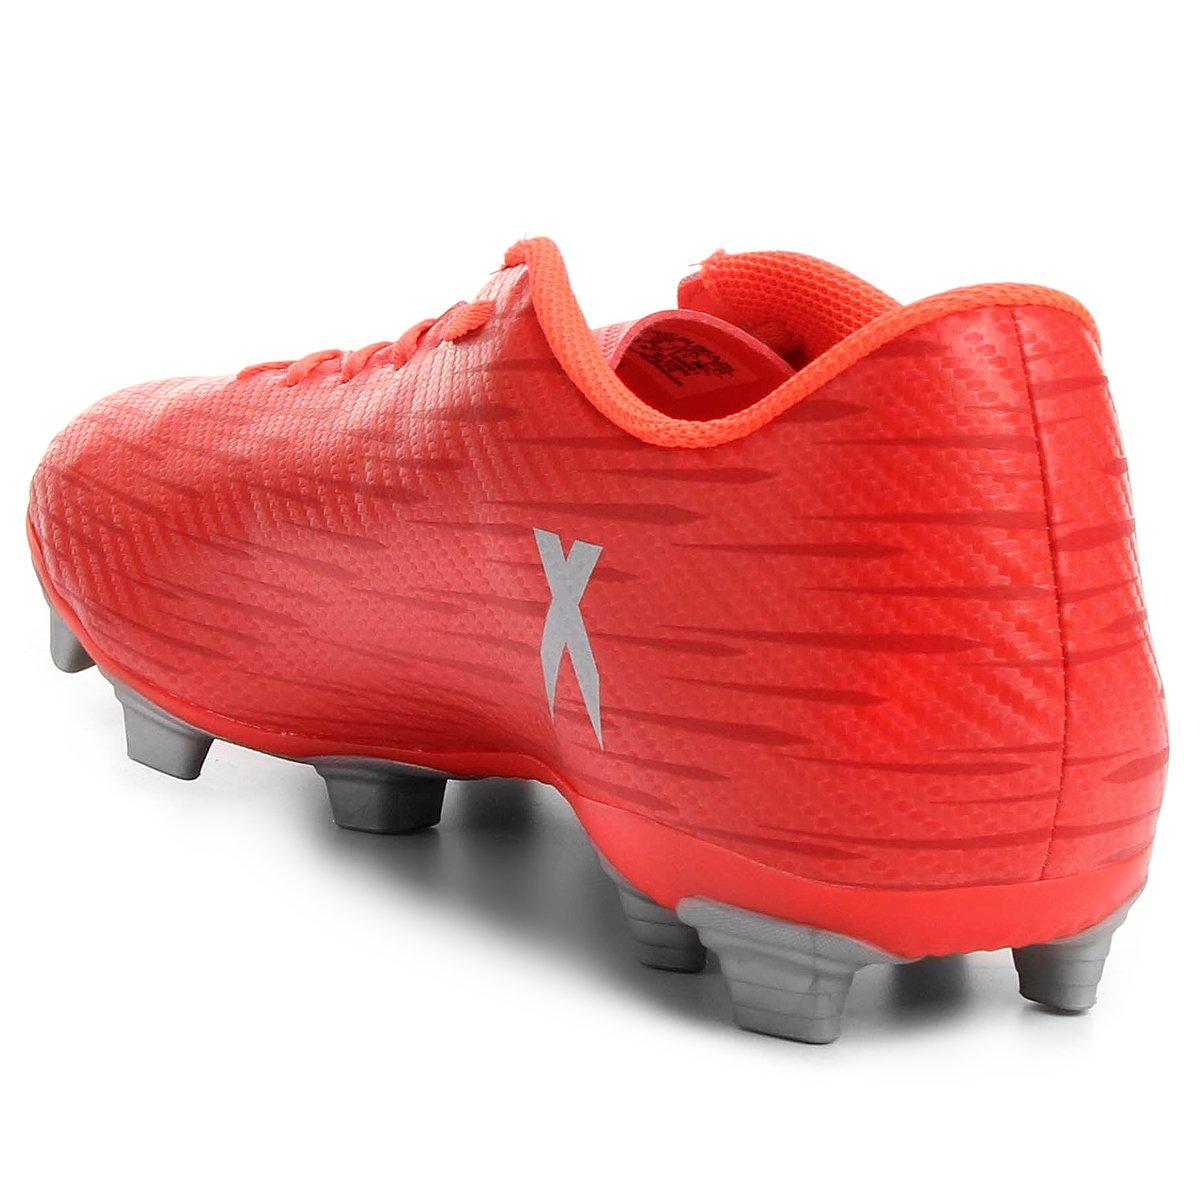 14ae2a1d3f Chuteira Campo Adidas X 16 4 FXG - Compre Agora